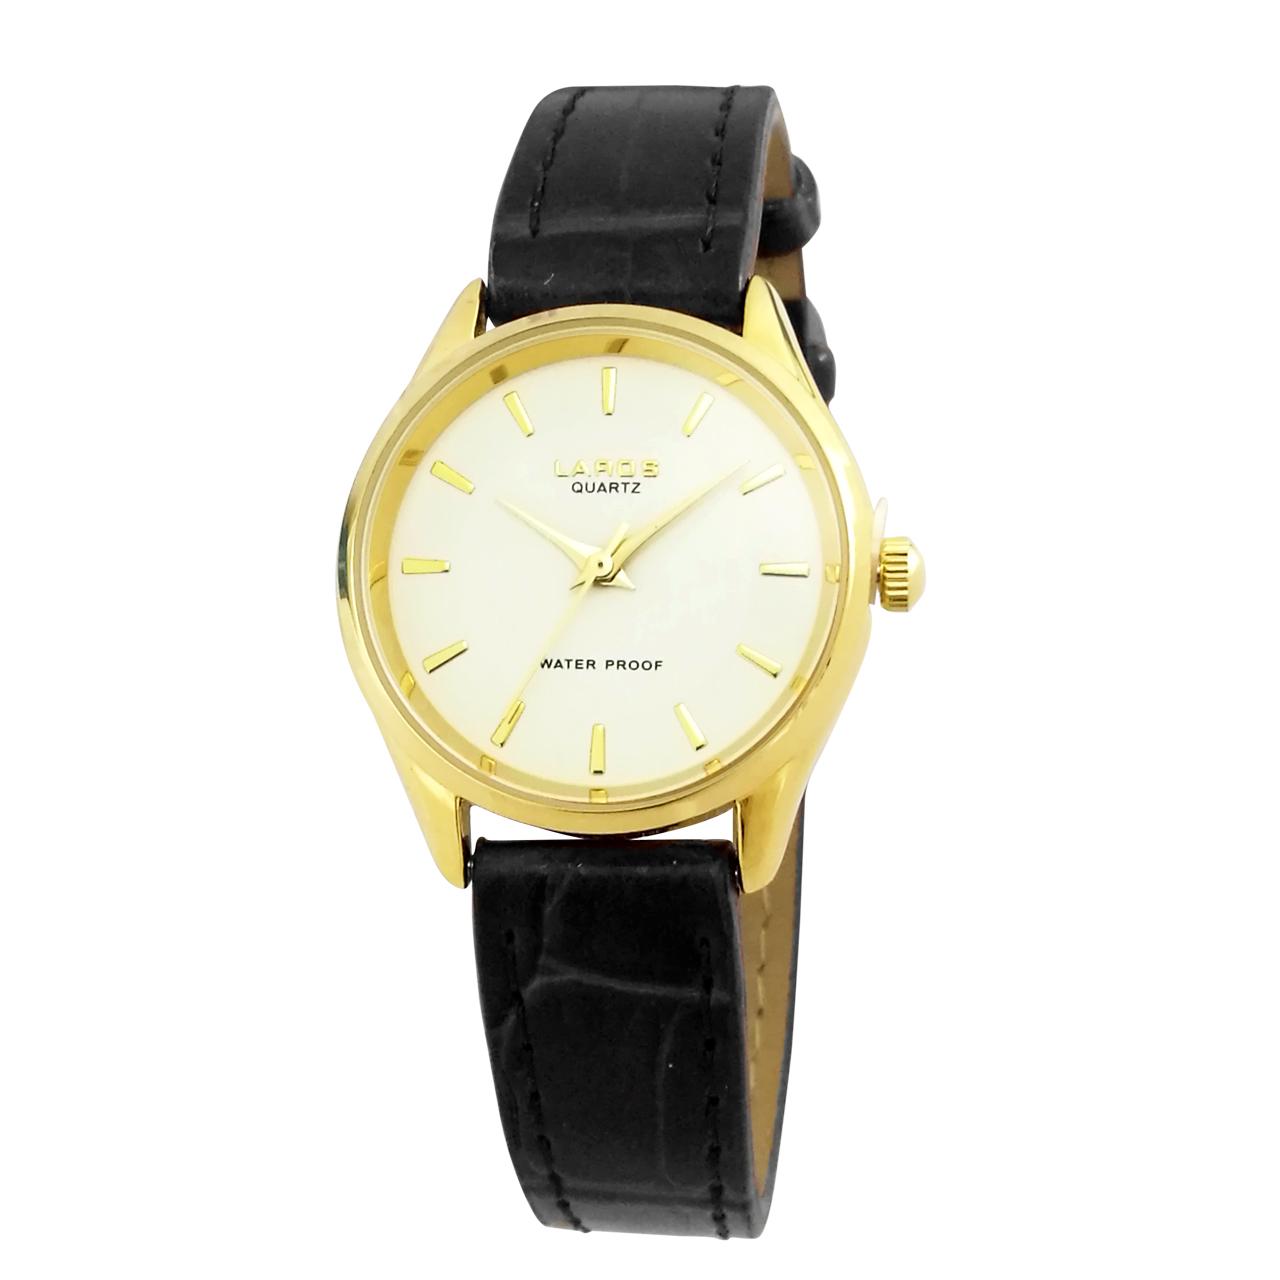 ساعت مچی عقربه ای زنانه لاروس مدل 0118-80200-s به همراه دستمال مخصوص برند کلین واچ